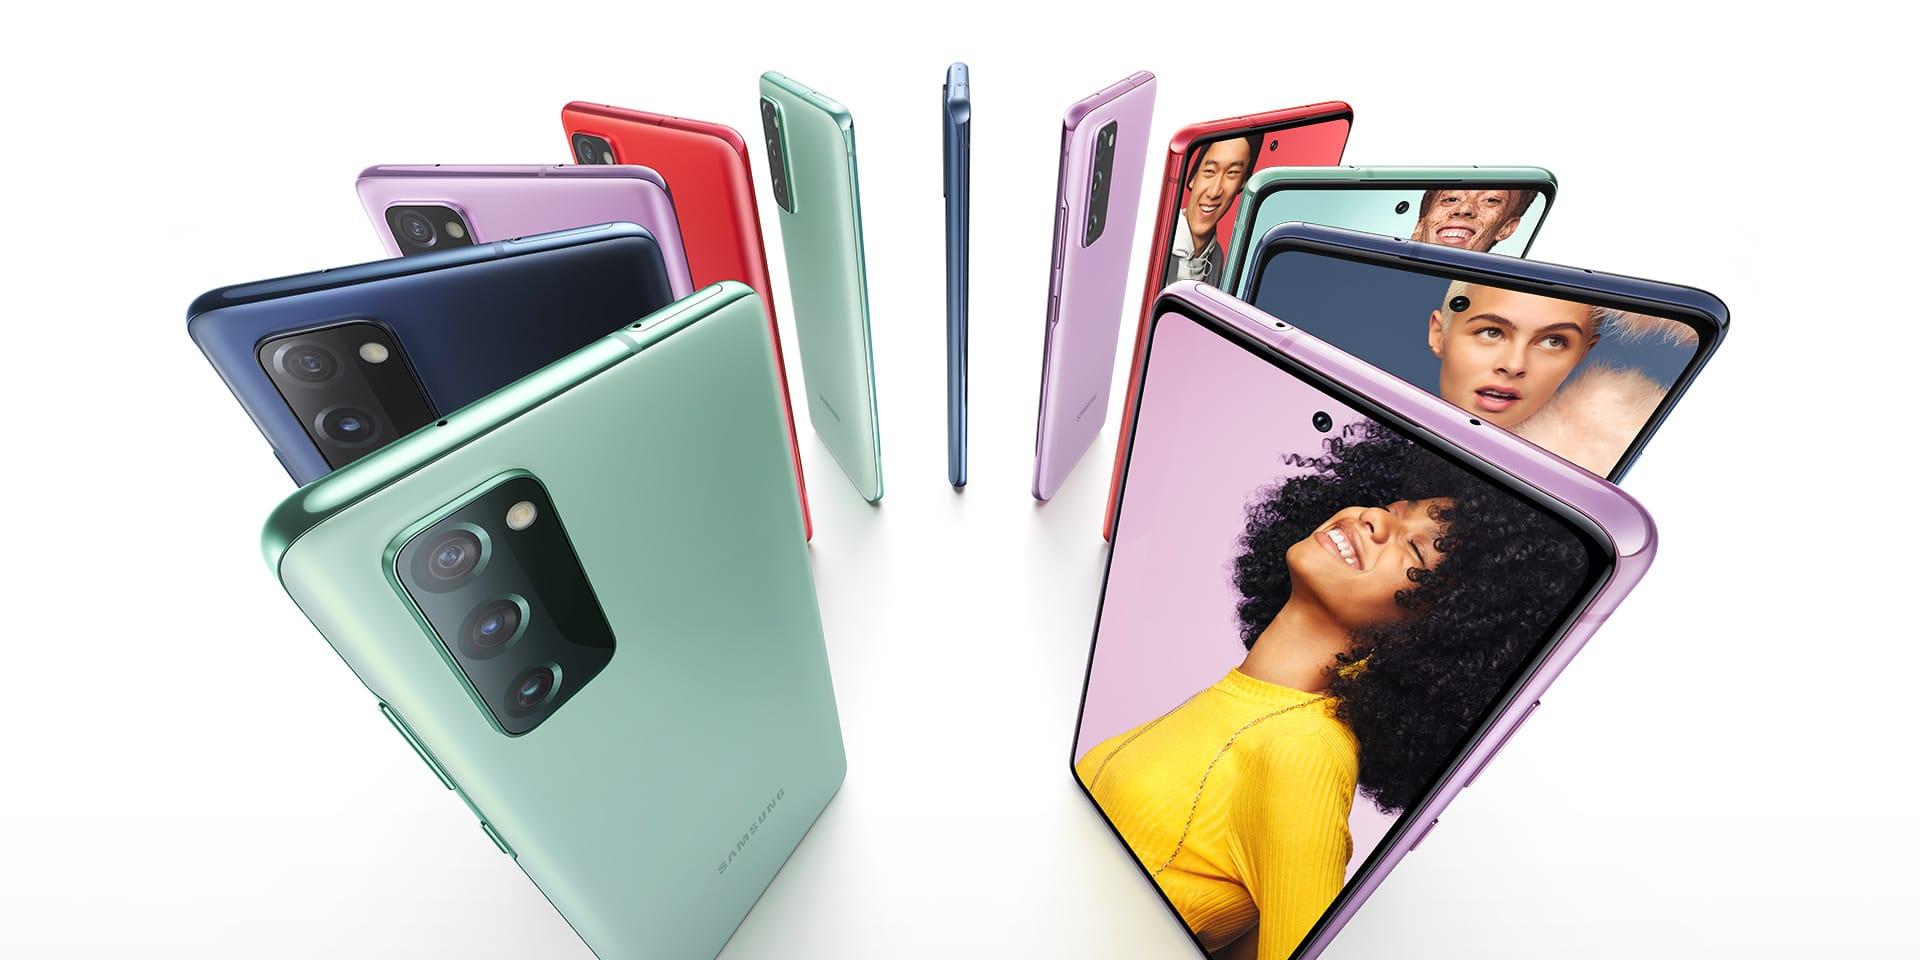 Once teléfonos GalaxyS20FE puestos en posición vertical formando un círculo y alternando los colores Cloud Navy, Cloud Red, Cloud Lavender, y Cloud Mint. Algunos se ven desde la parte posterior y otros, desde el frente, con fotos de personas en las pantallas. Cada persona tiene un fondo de color que coincide con el color del teléfono.